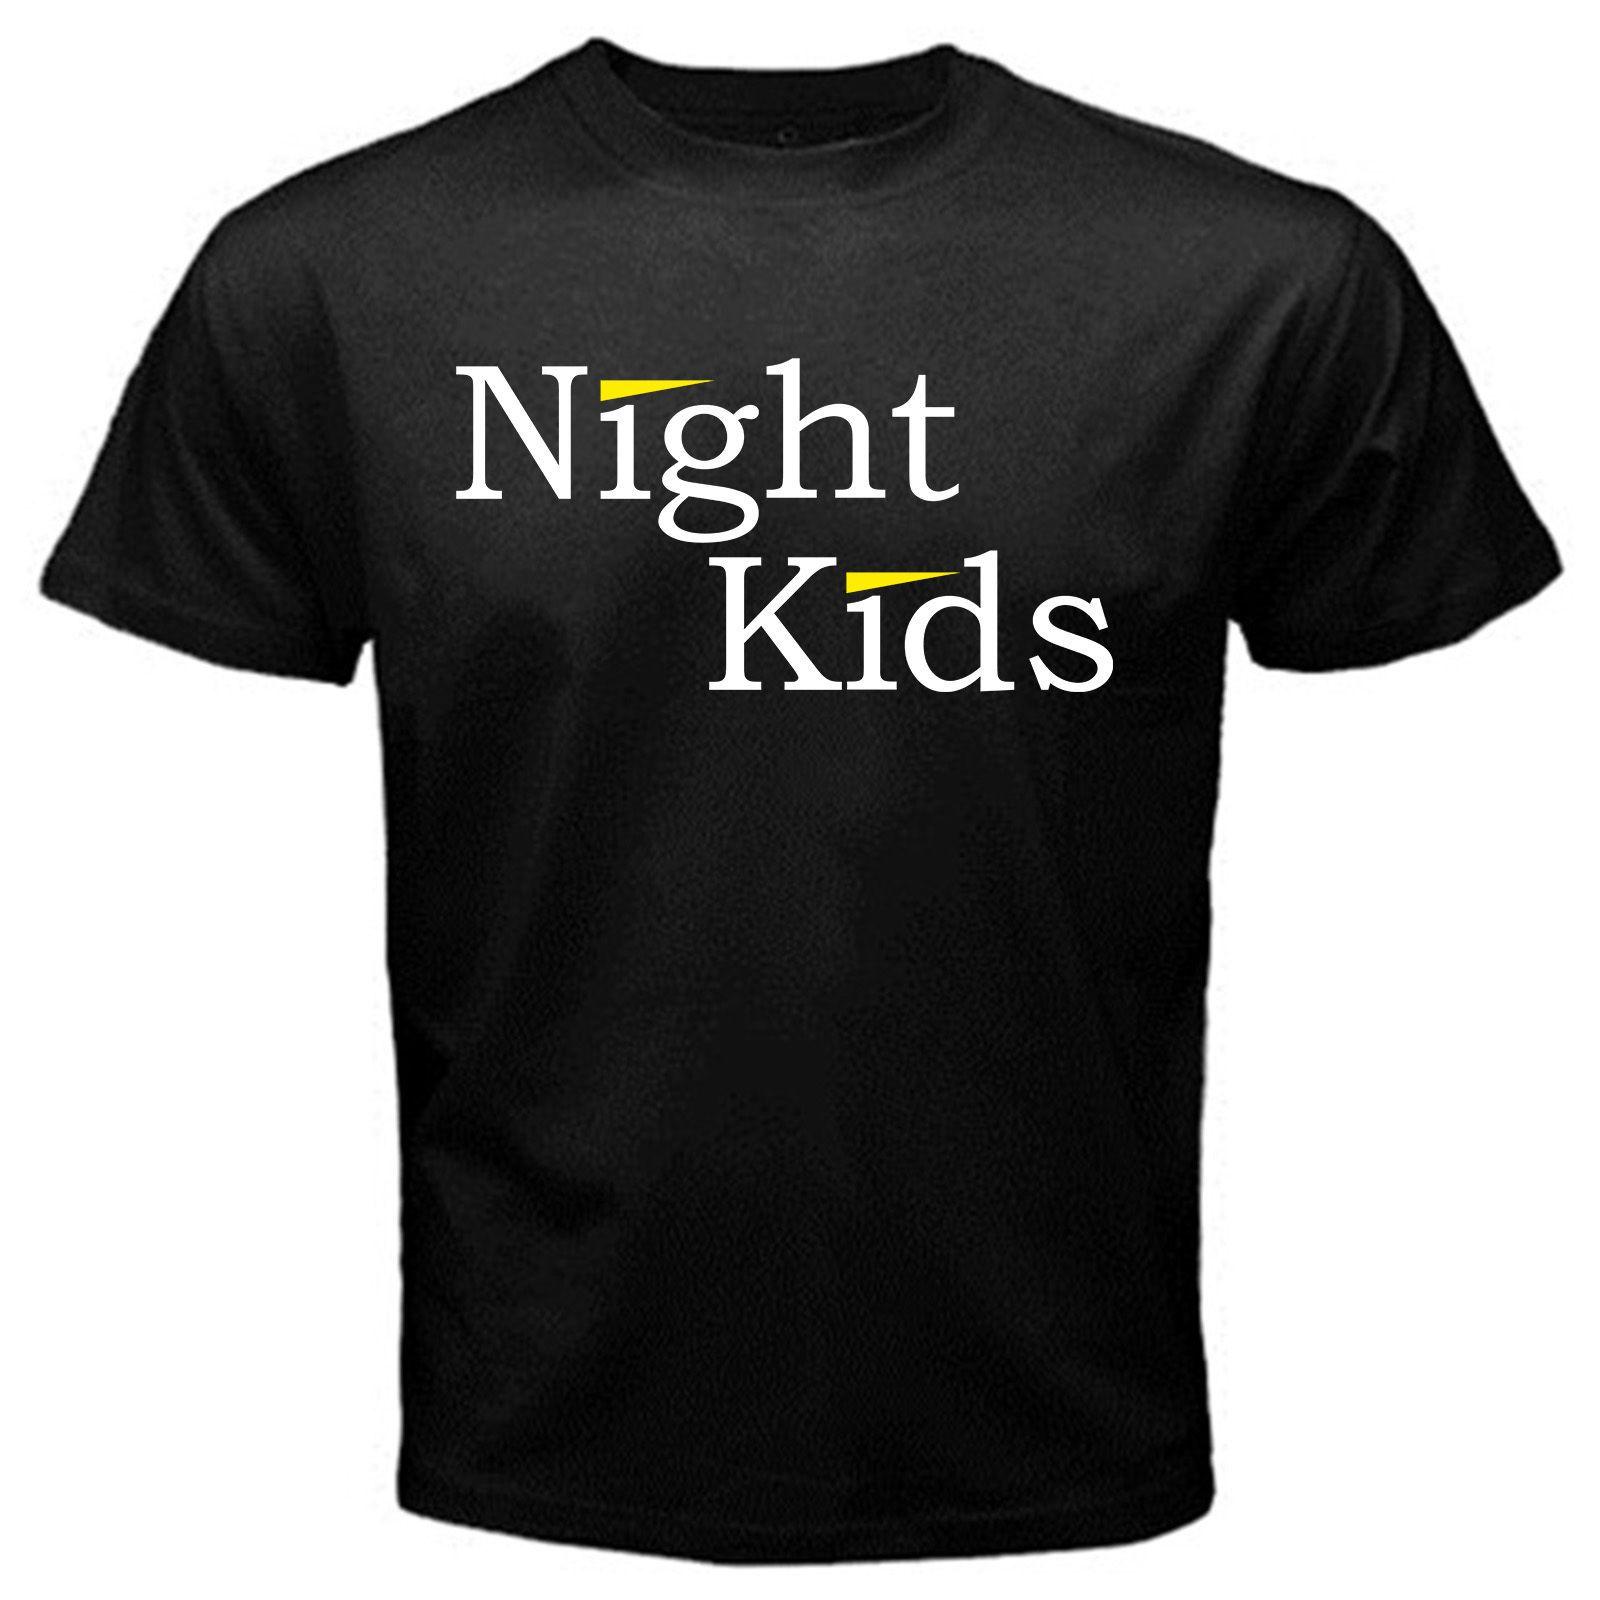 Compre Night Kids Inicial D Anime Manga Japón Tofu Myogi Shop Camiseta  Negro Hombres Camiseta Hombres Ropa Tallas Grandes Top Tee A  11.48 Del  Gaobei08 ... 26bbf546f8ec6